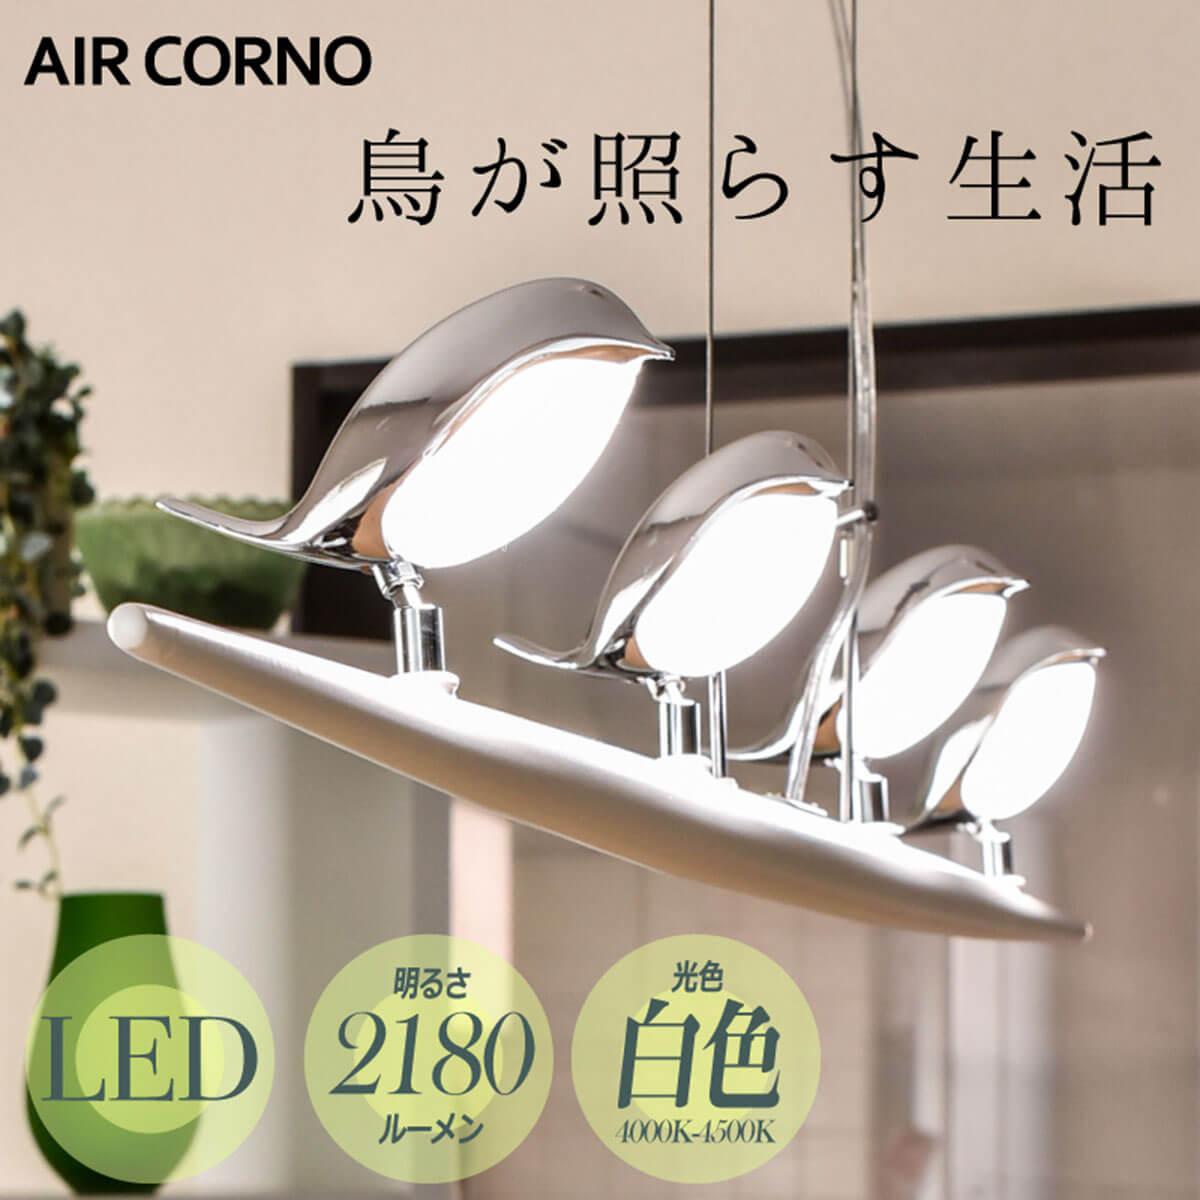 鳥型専用LED 4灯シーリングライト